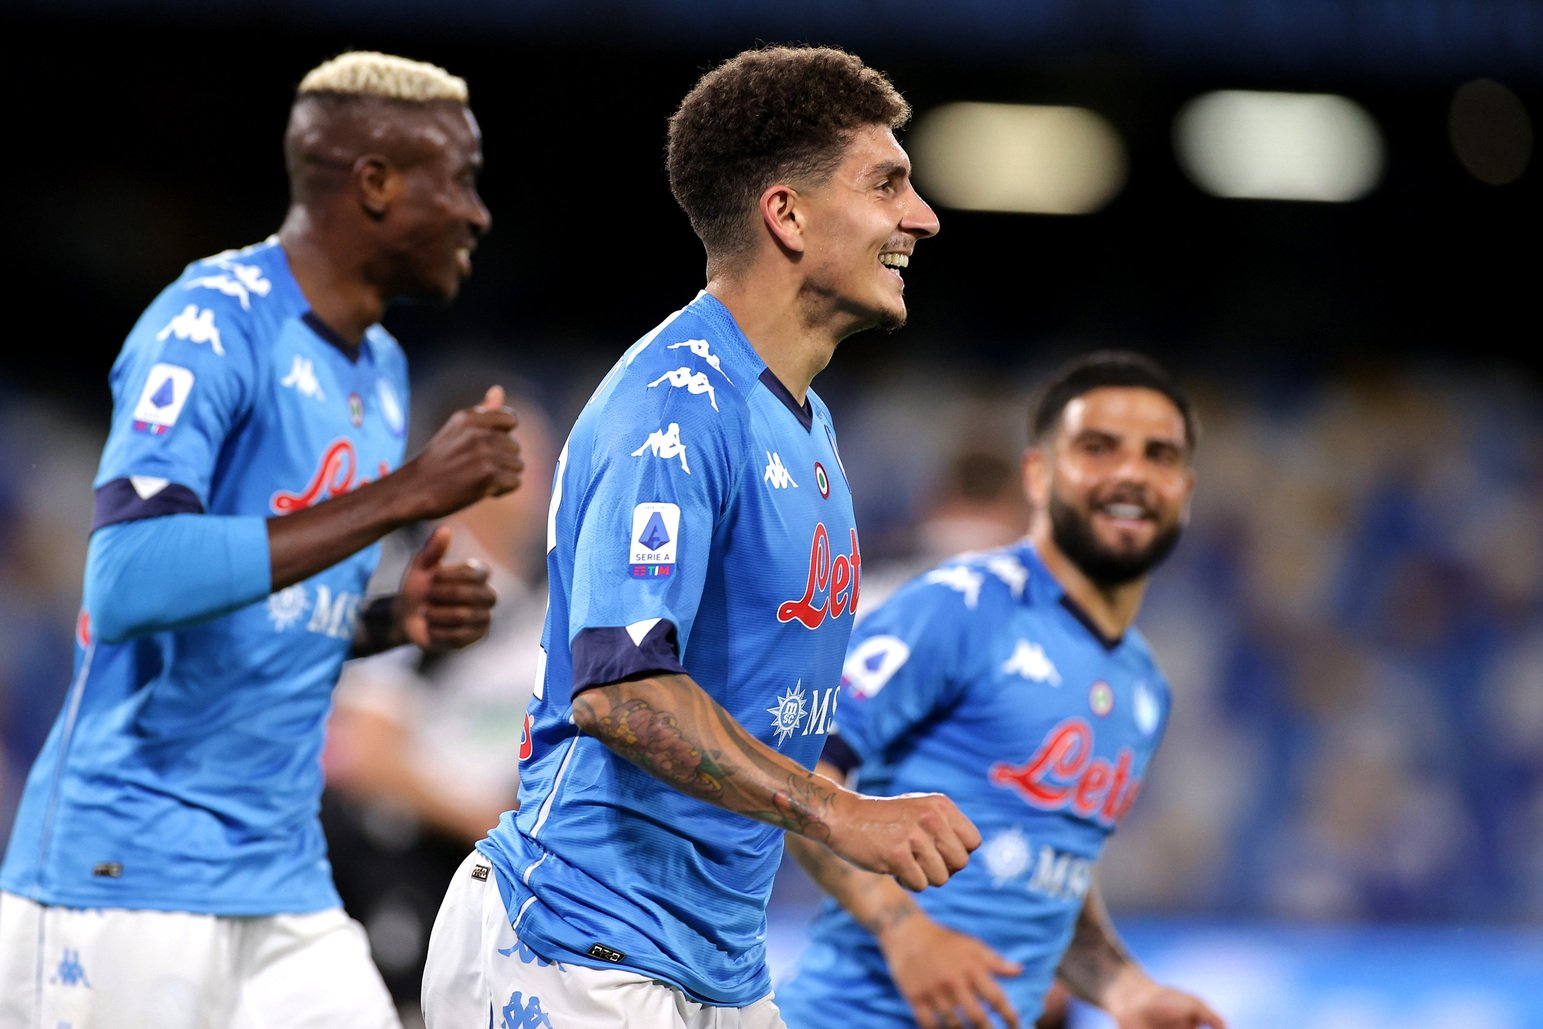 Di Lorenzo speedy Gonzalez: Corro tanto per rappresentare Napoli |  Sport e Vai